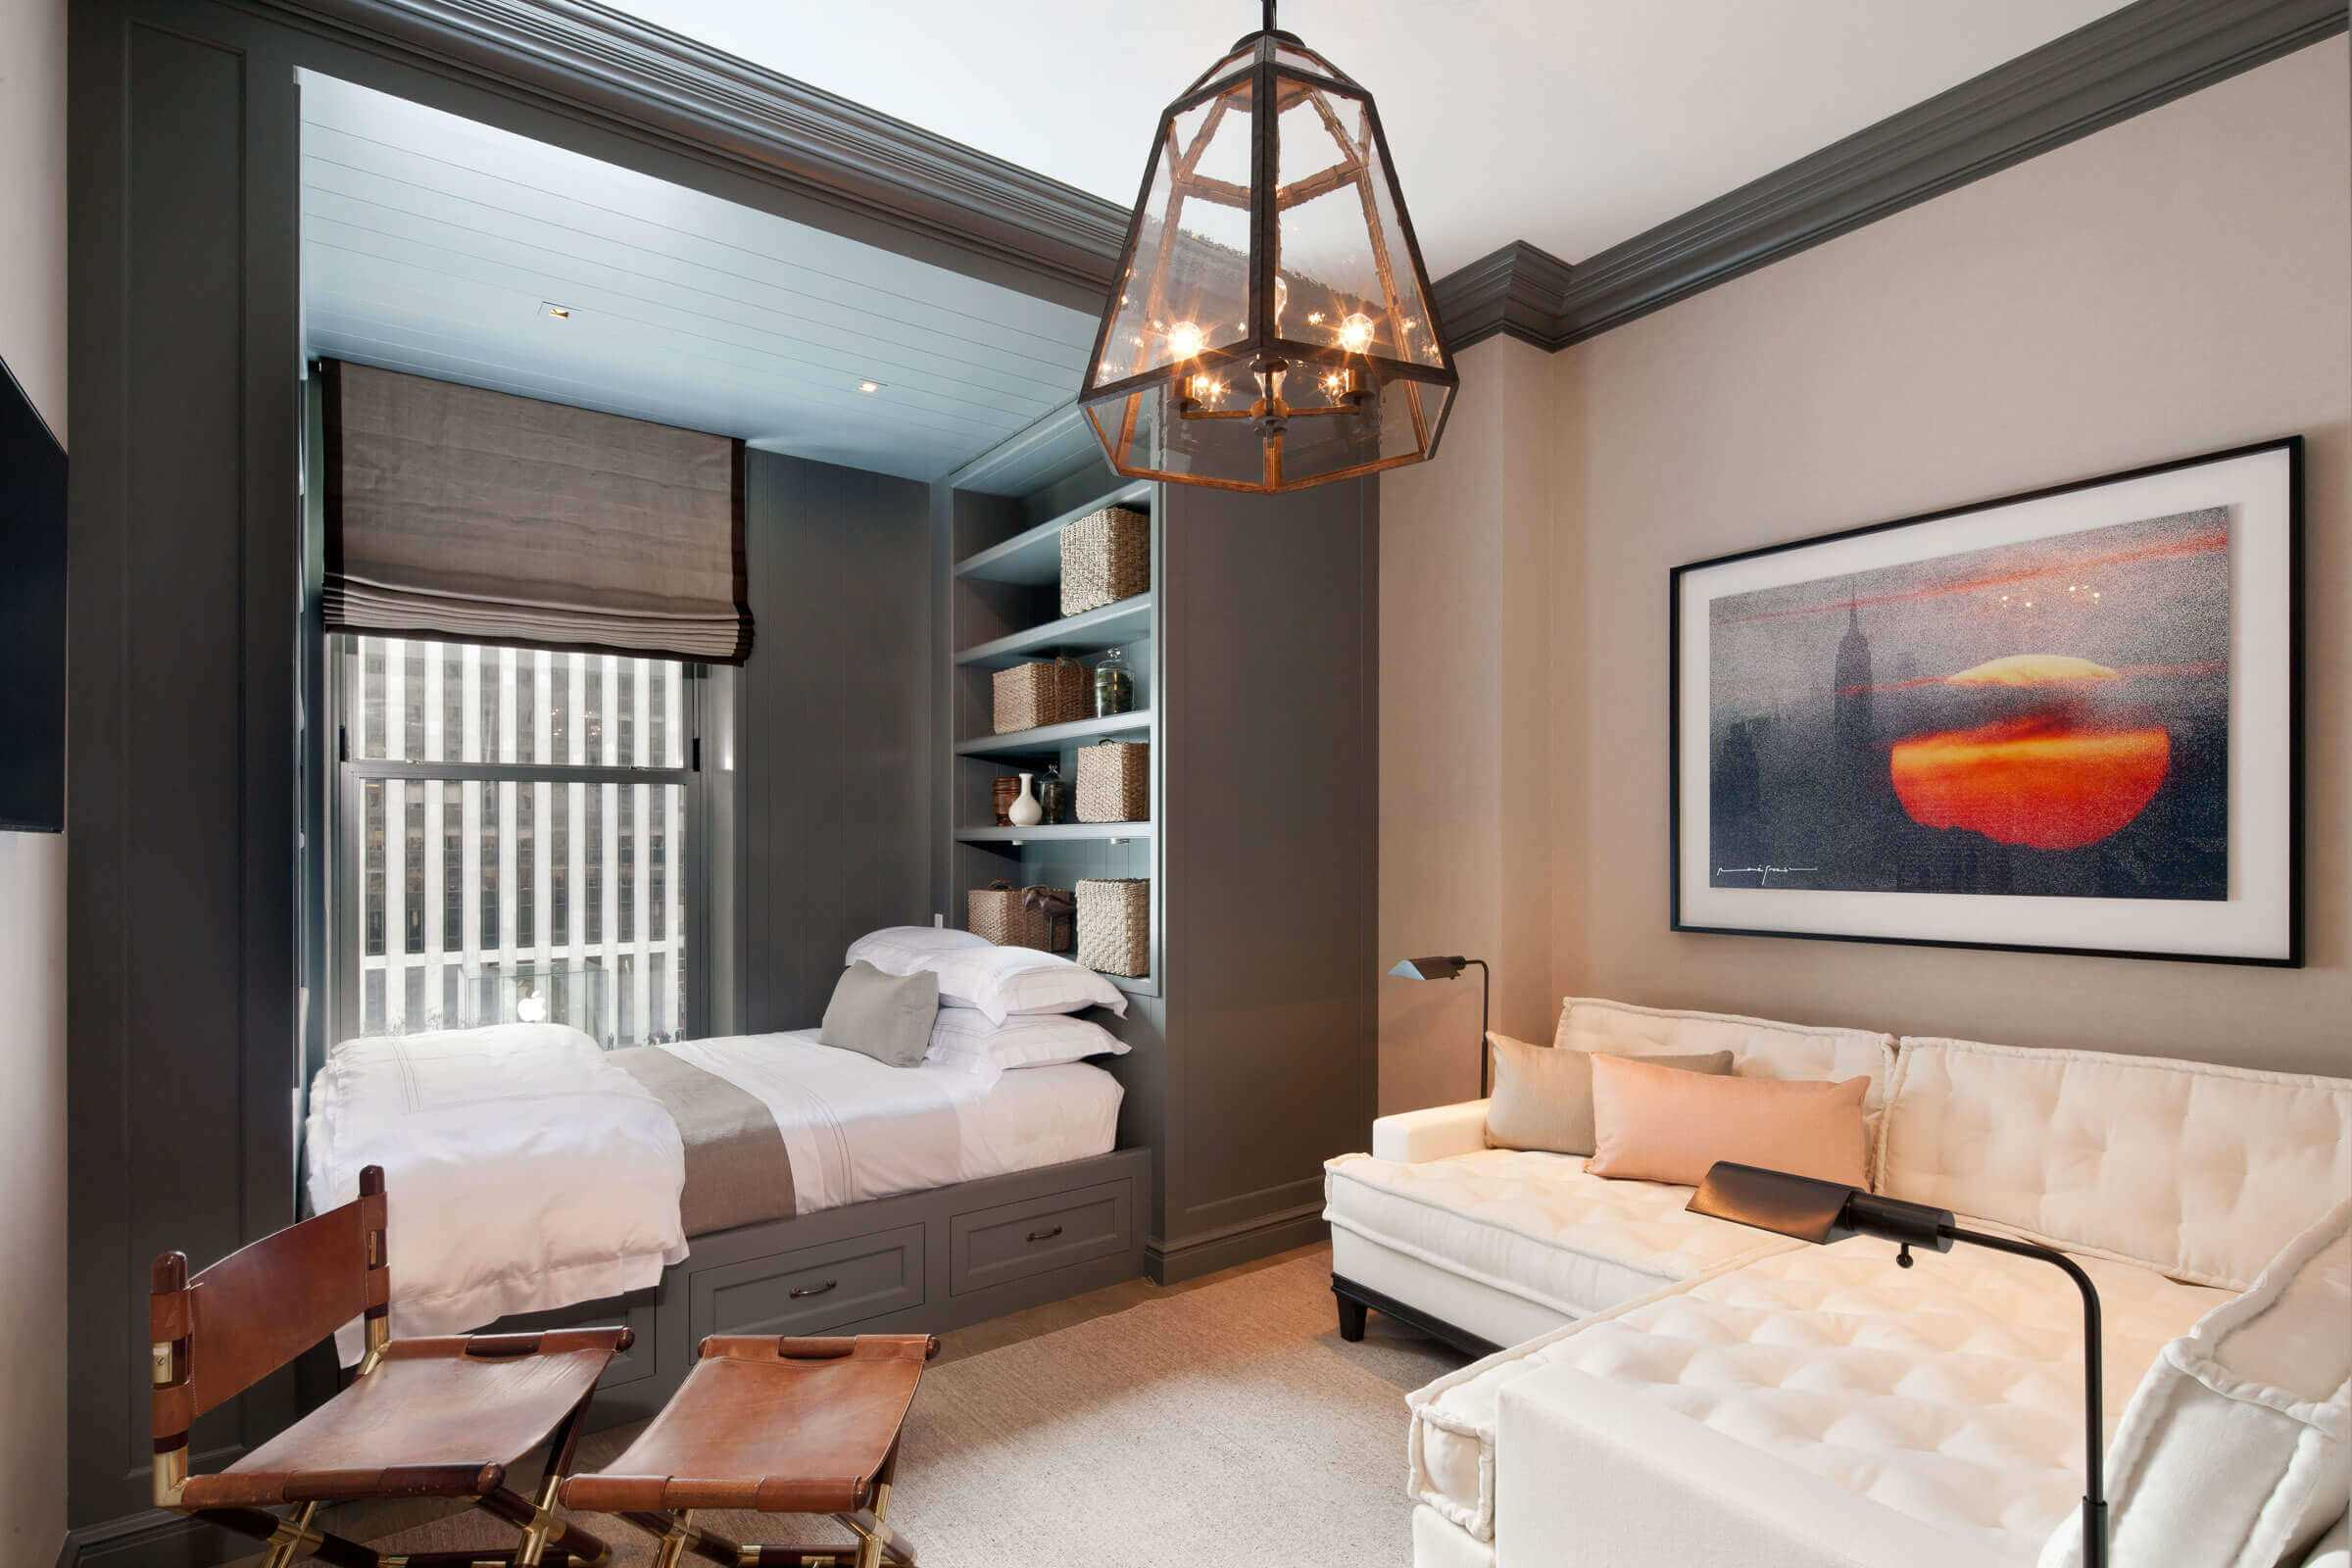 спальня-гостиная 18 кв.м. с нишей